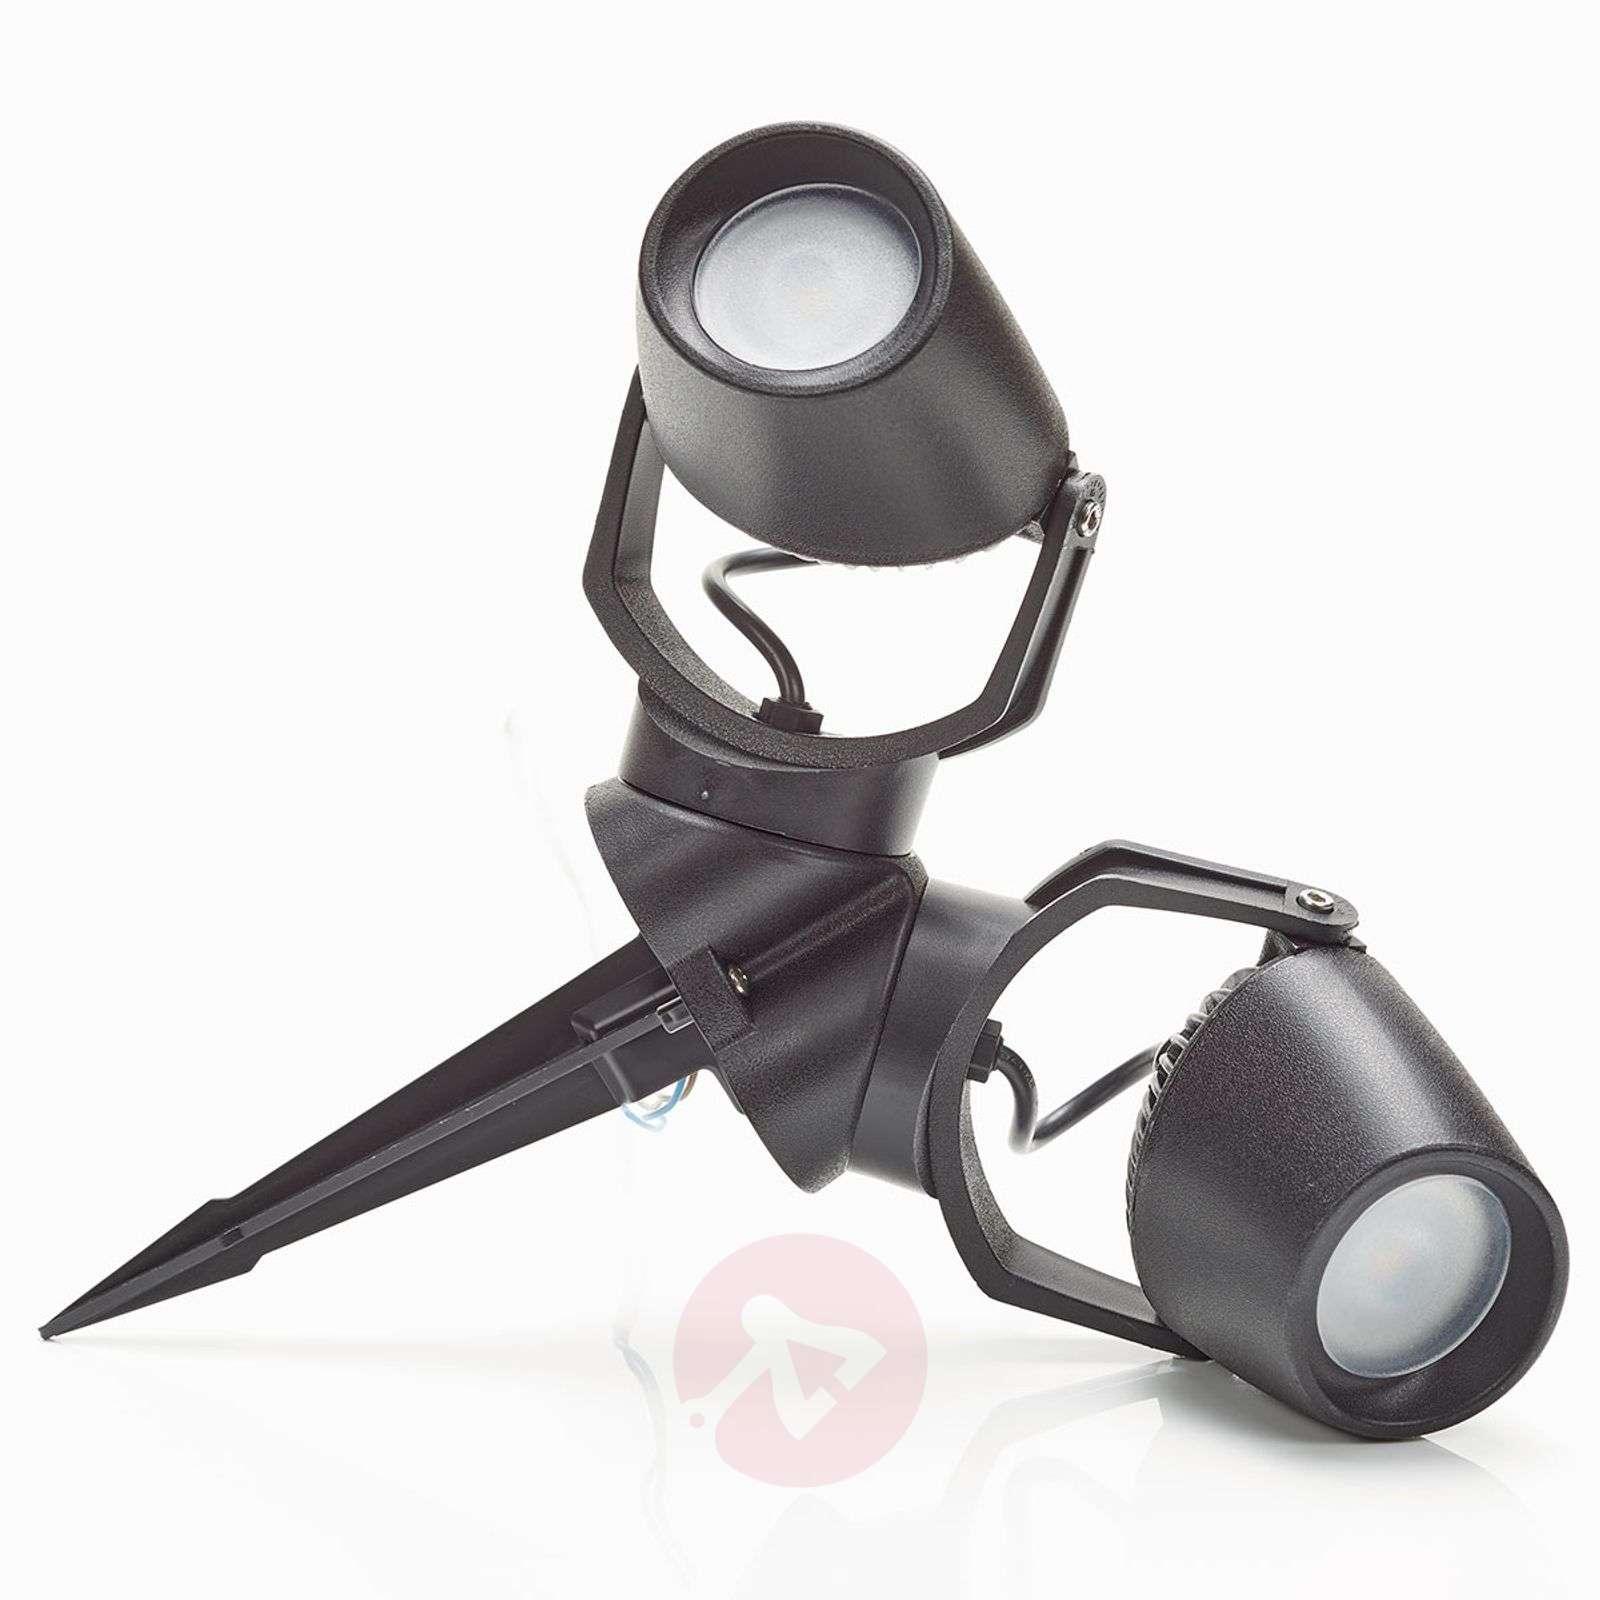 Maapiikkikohdevalo Minitommy mustana, 2-lamppuinen-3538088-01